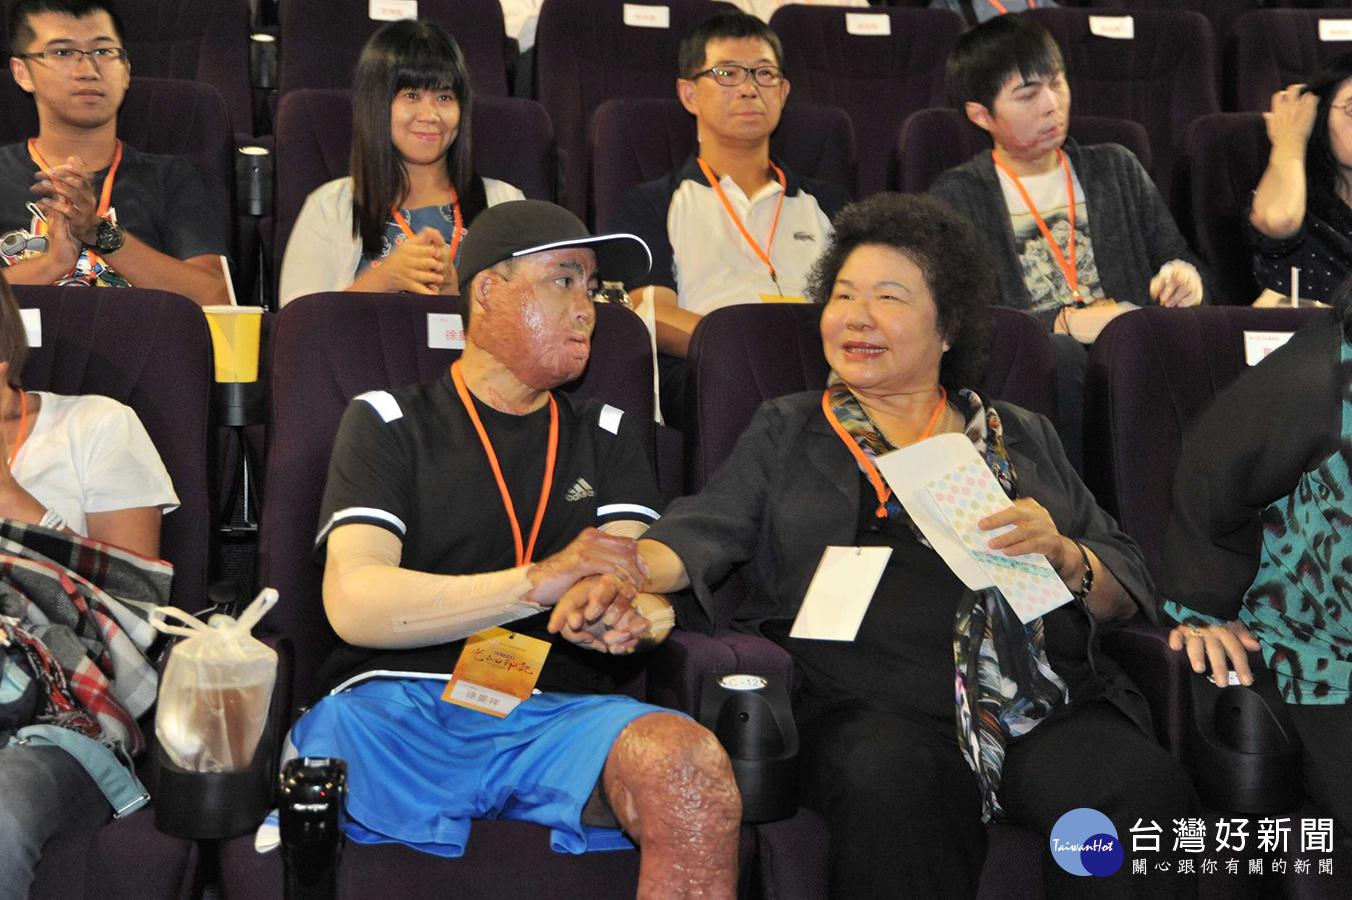 「光的印記」首映 陳菊: